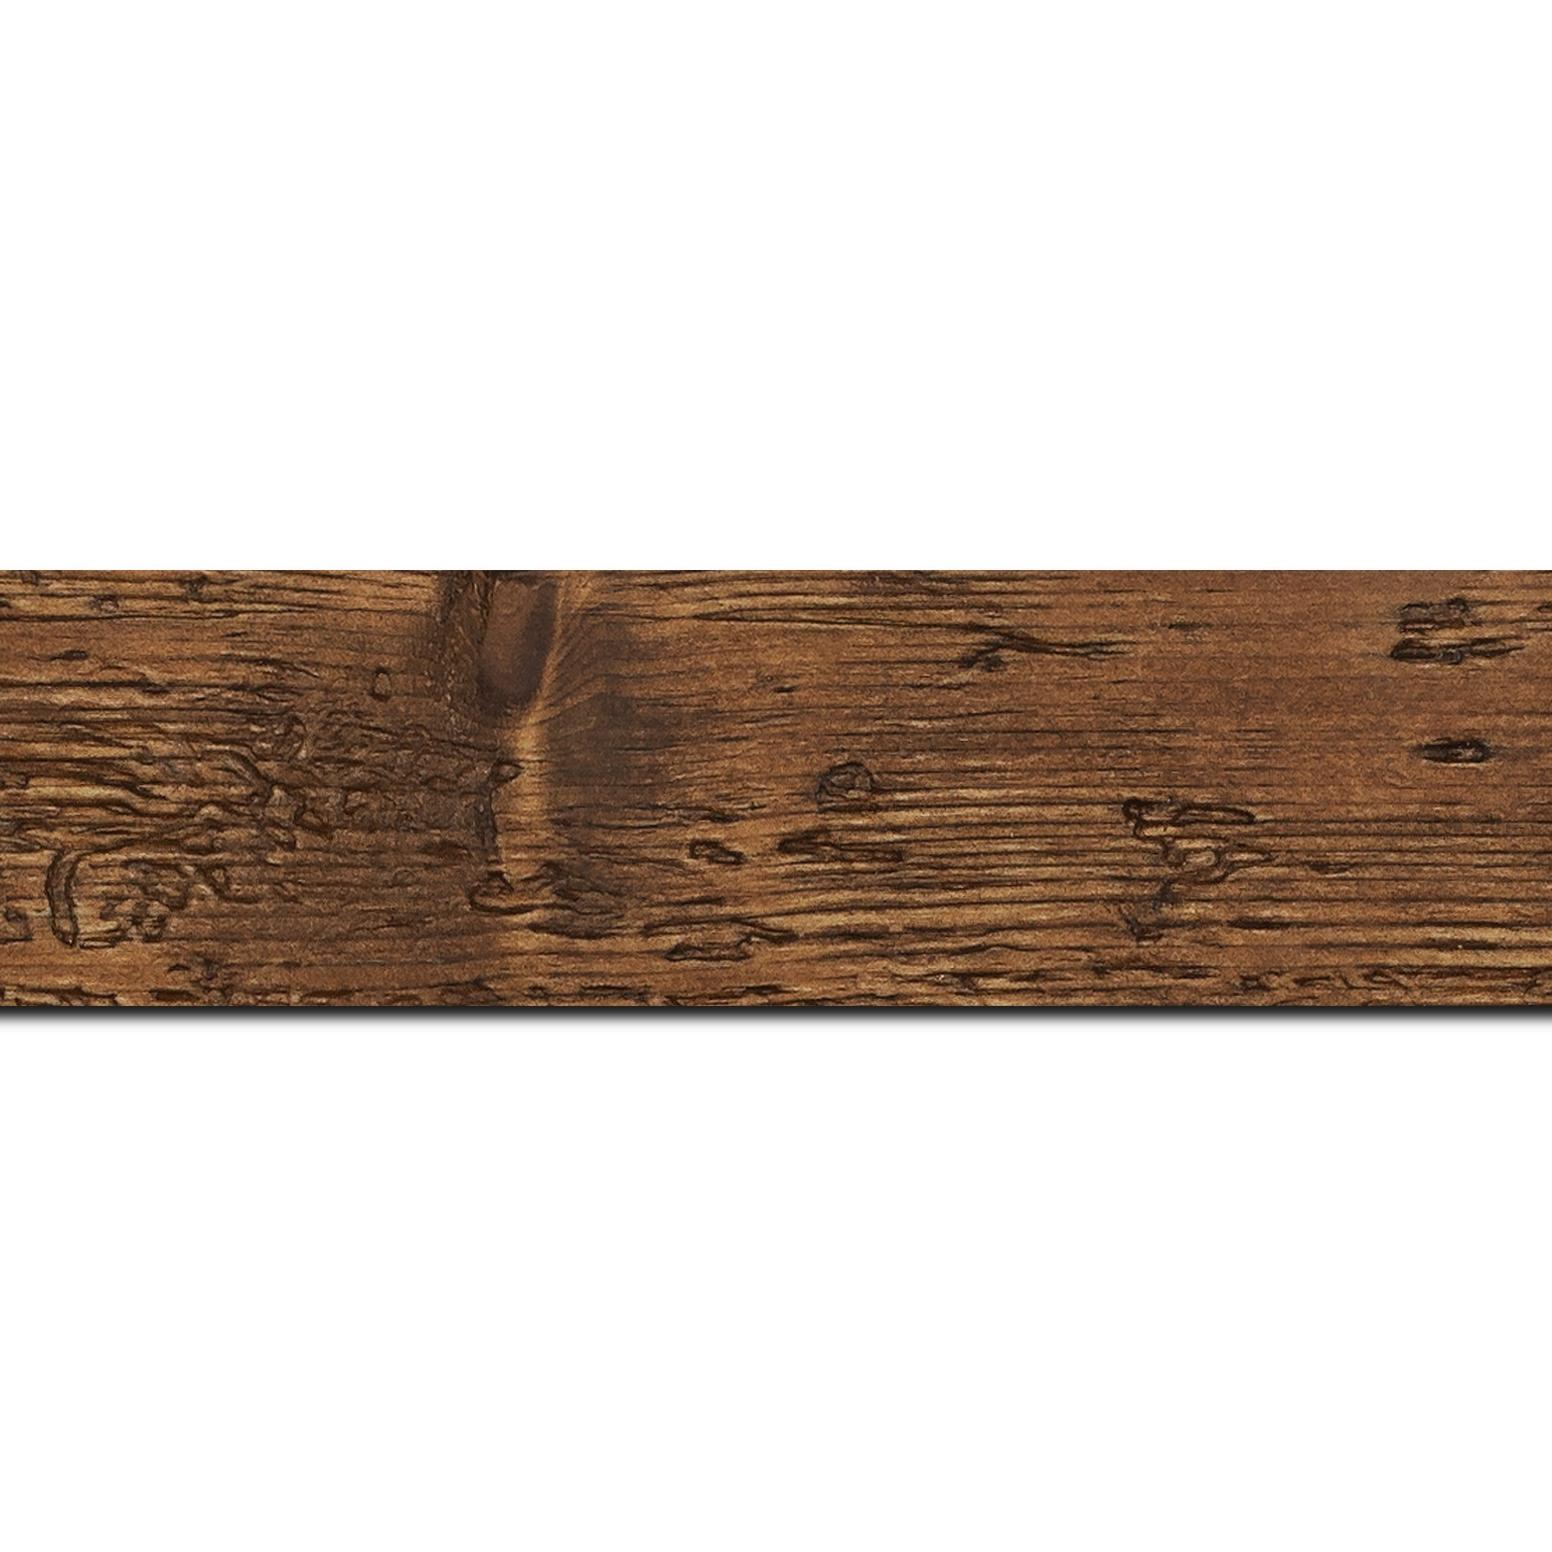 Cadre bois marron rustique 30x30 pas cher cadre photo bois marron rustique 30x30 destock cadre - Cadre 30x30 pas cher ...